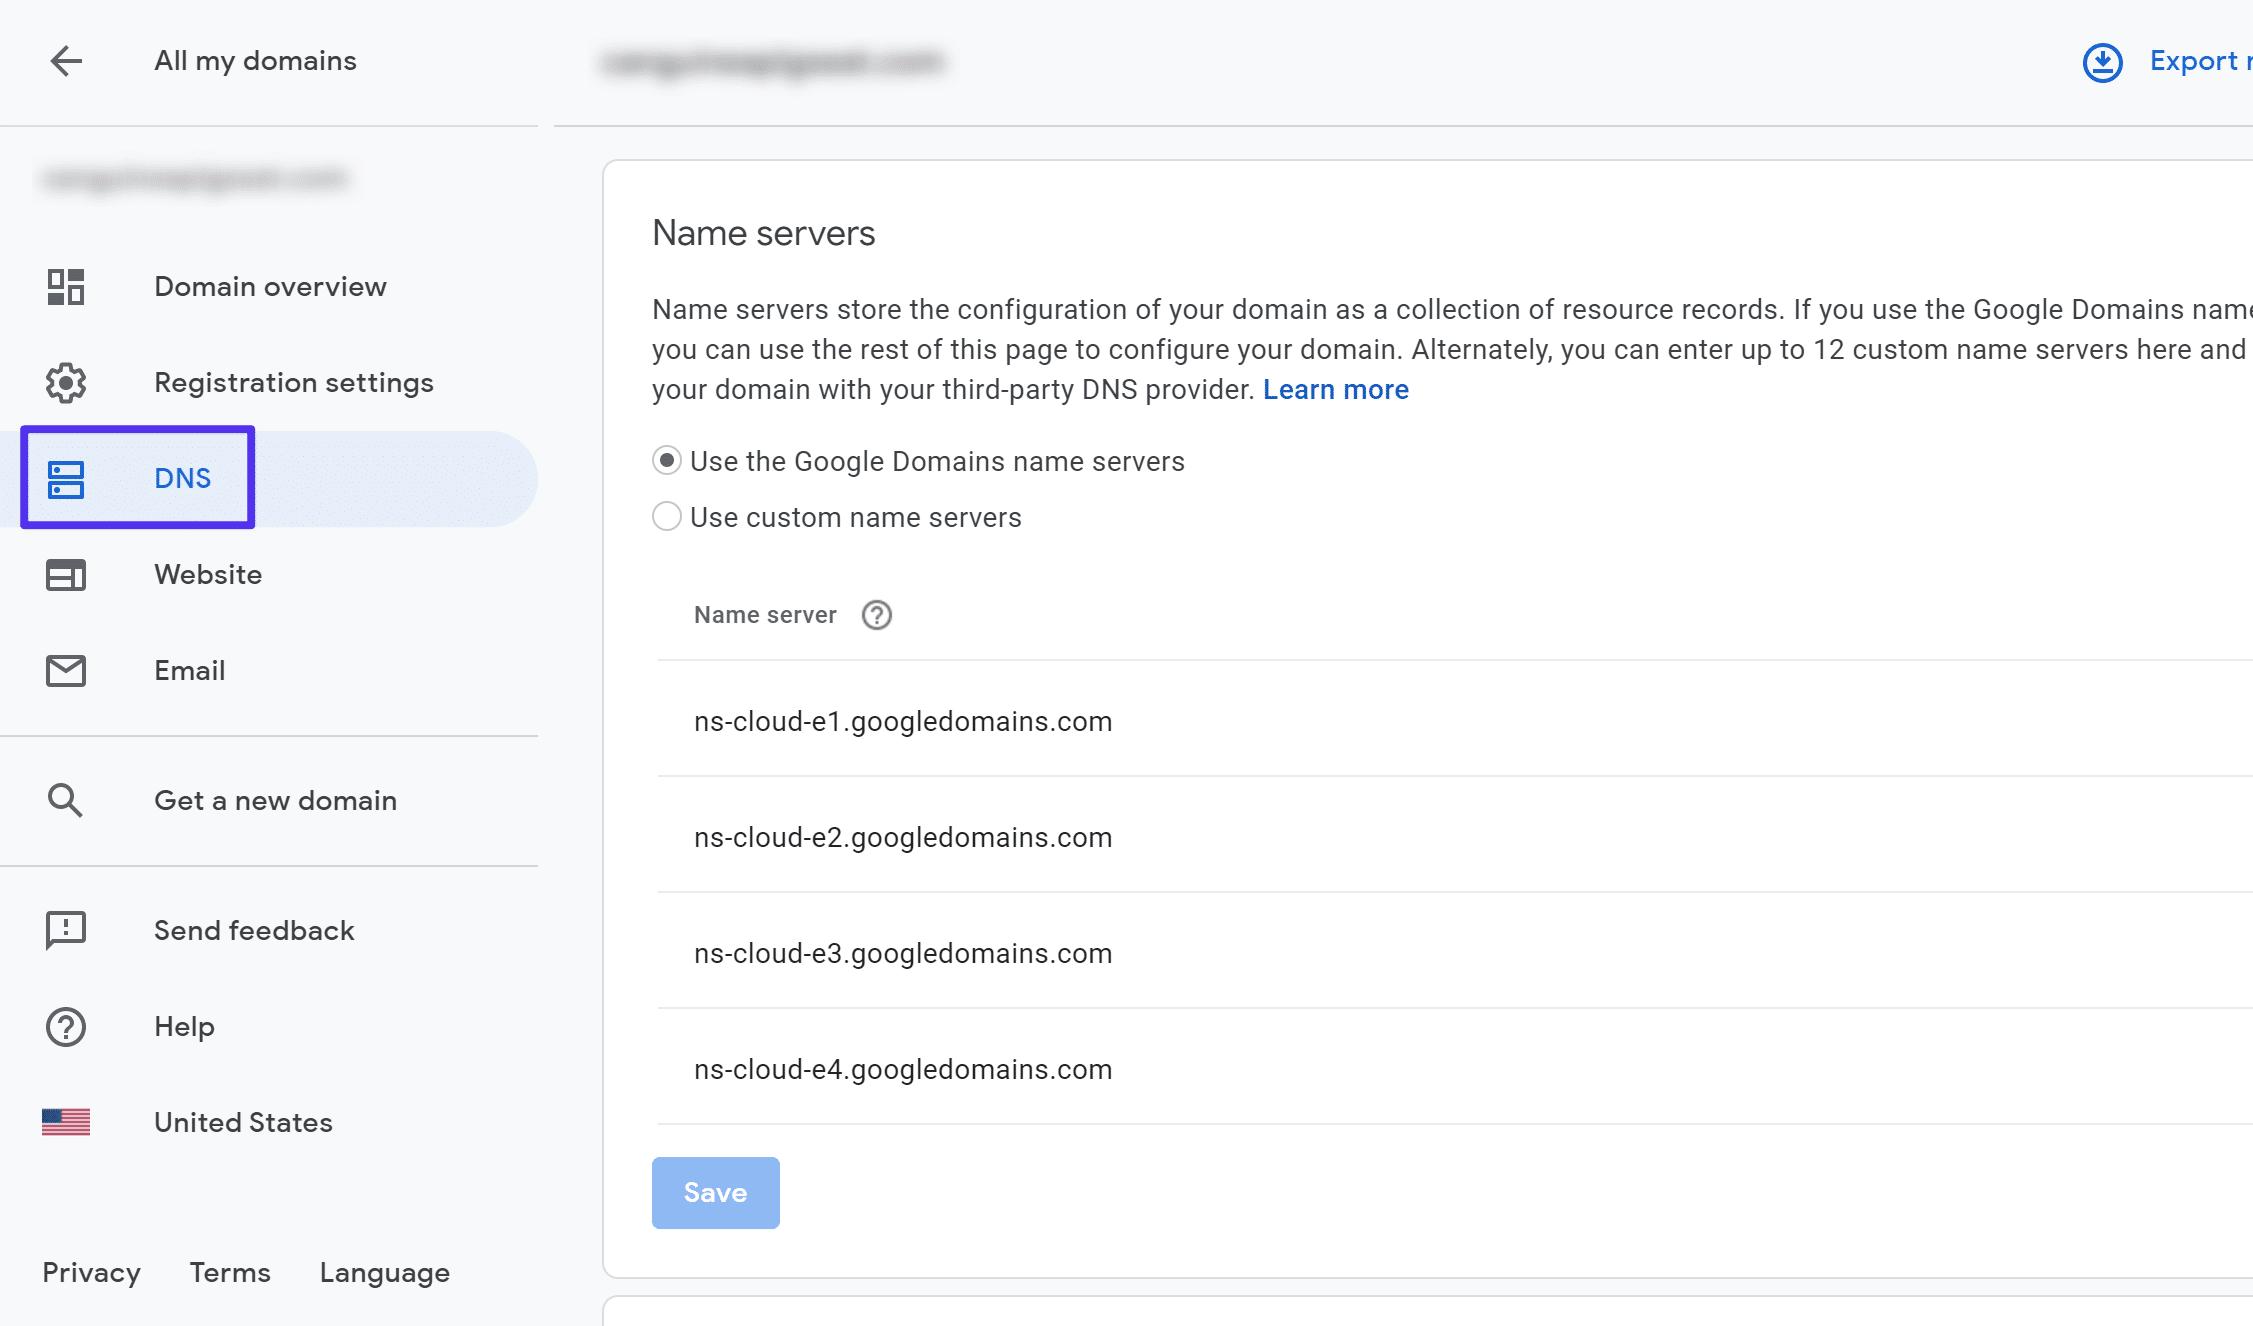 Cómo editar los servidores de nombres de dominio de Google